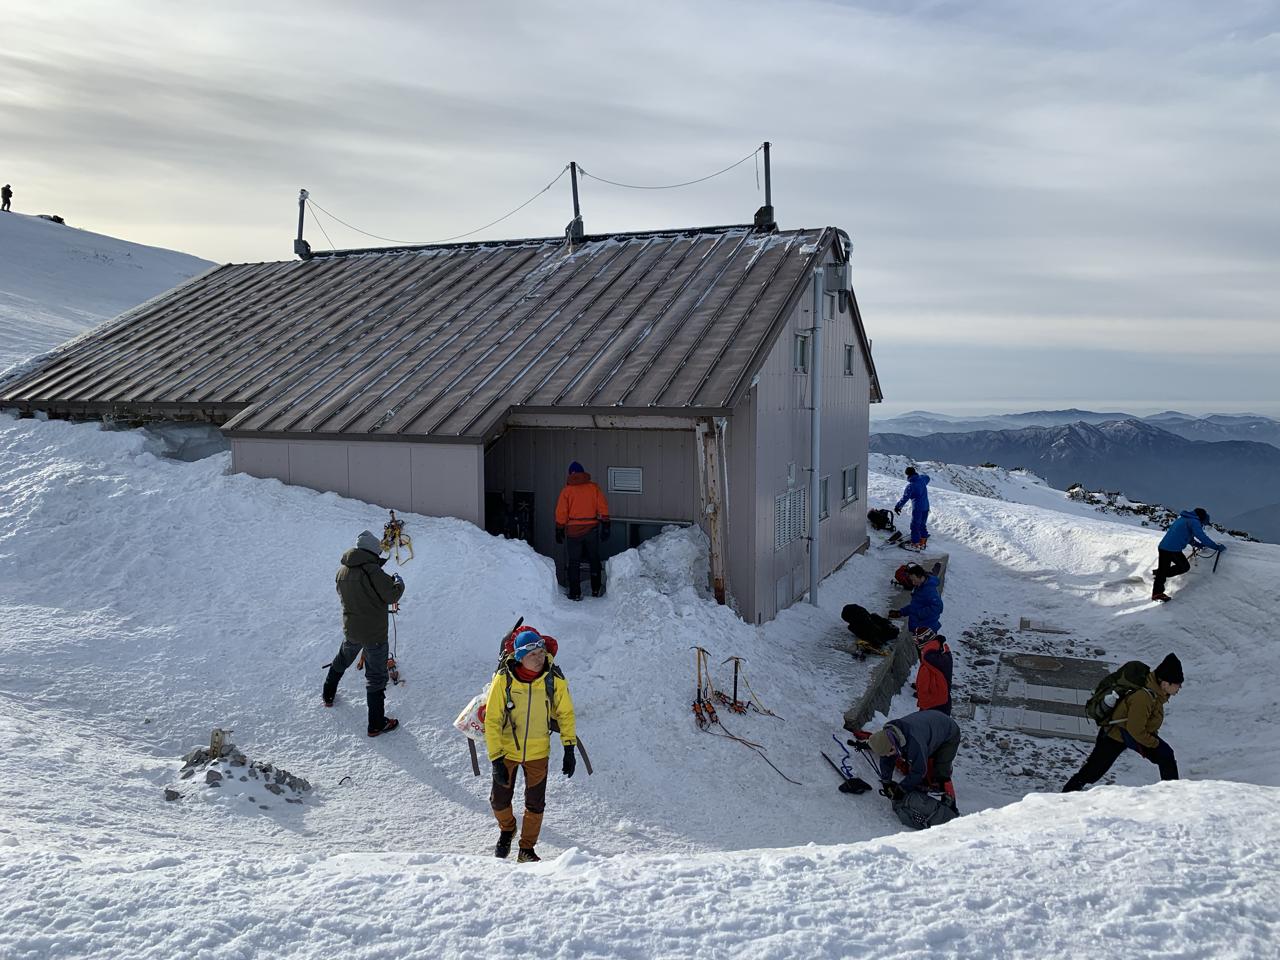 大山 雪山 避難小屋 冬